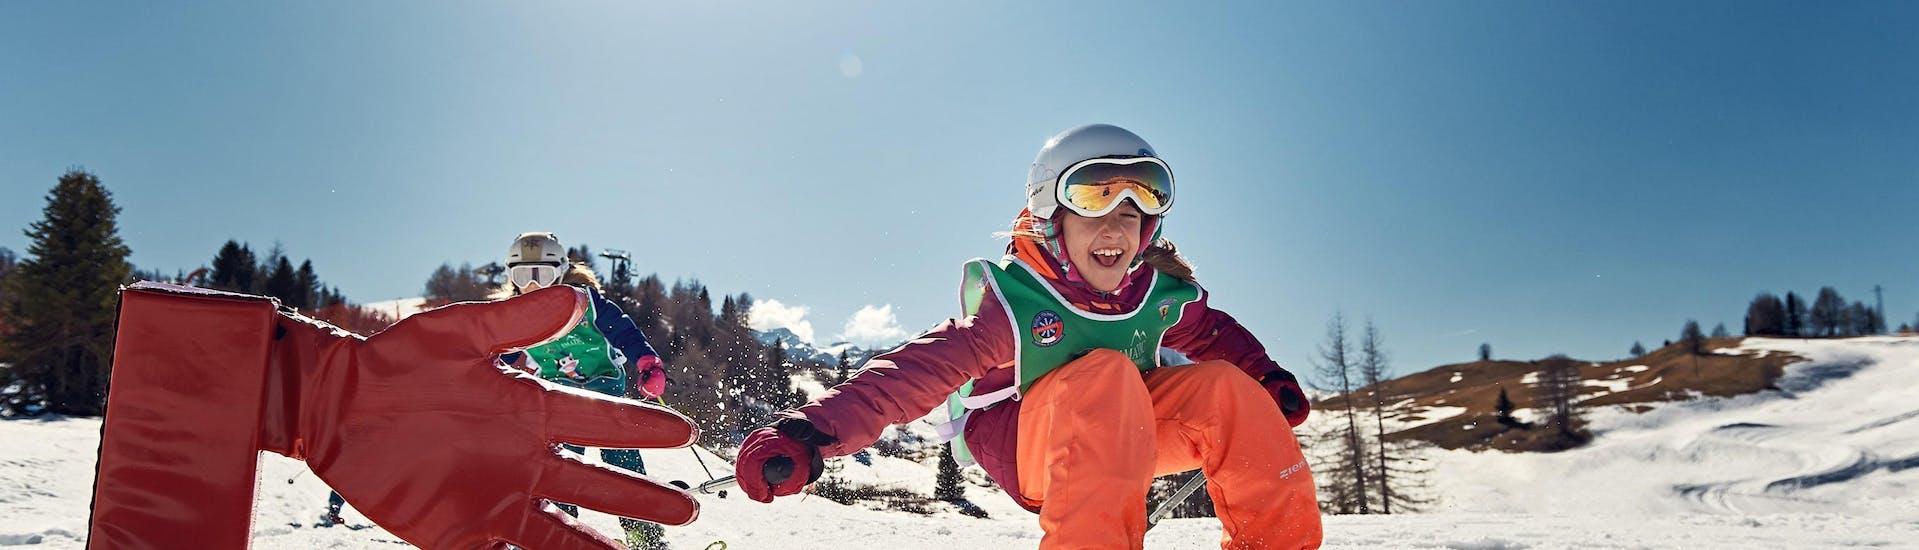 Cours particulier de ski Enfants pour Tous niveaux avec Scuola di Sci e Snowboard Dolomites San Cassiano - Hero image